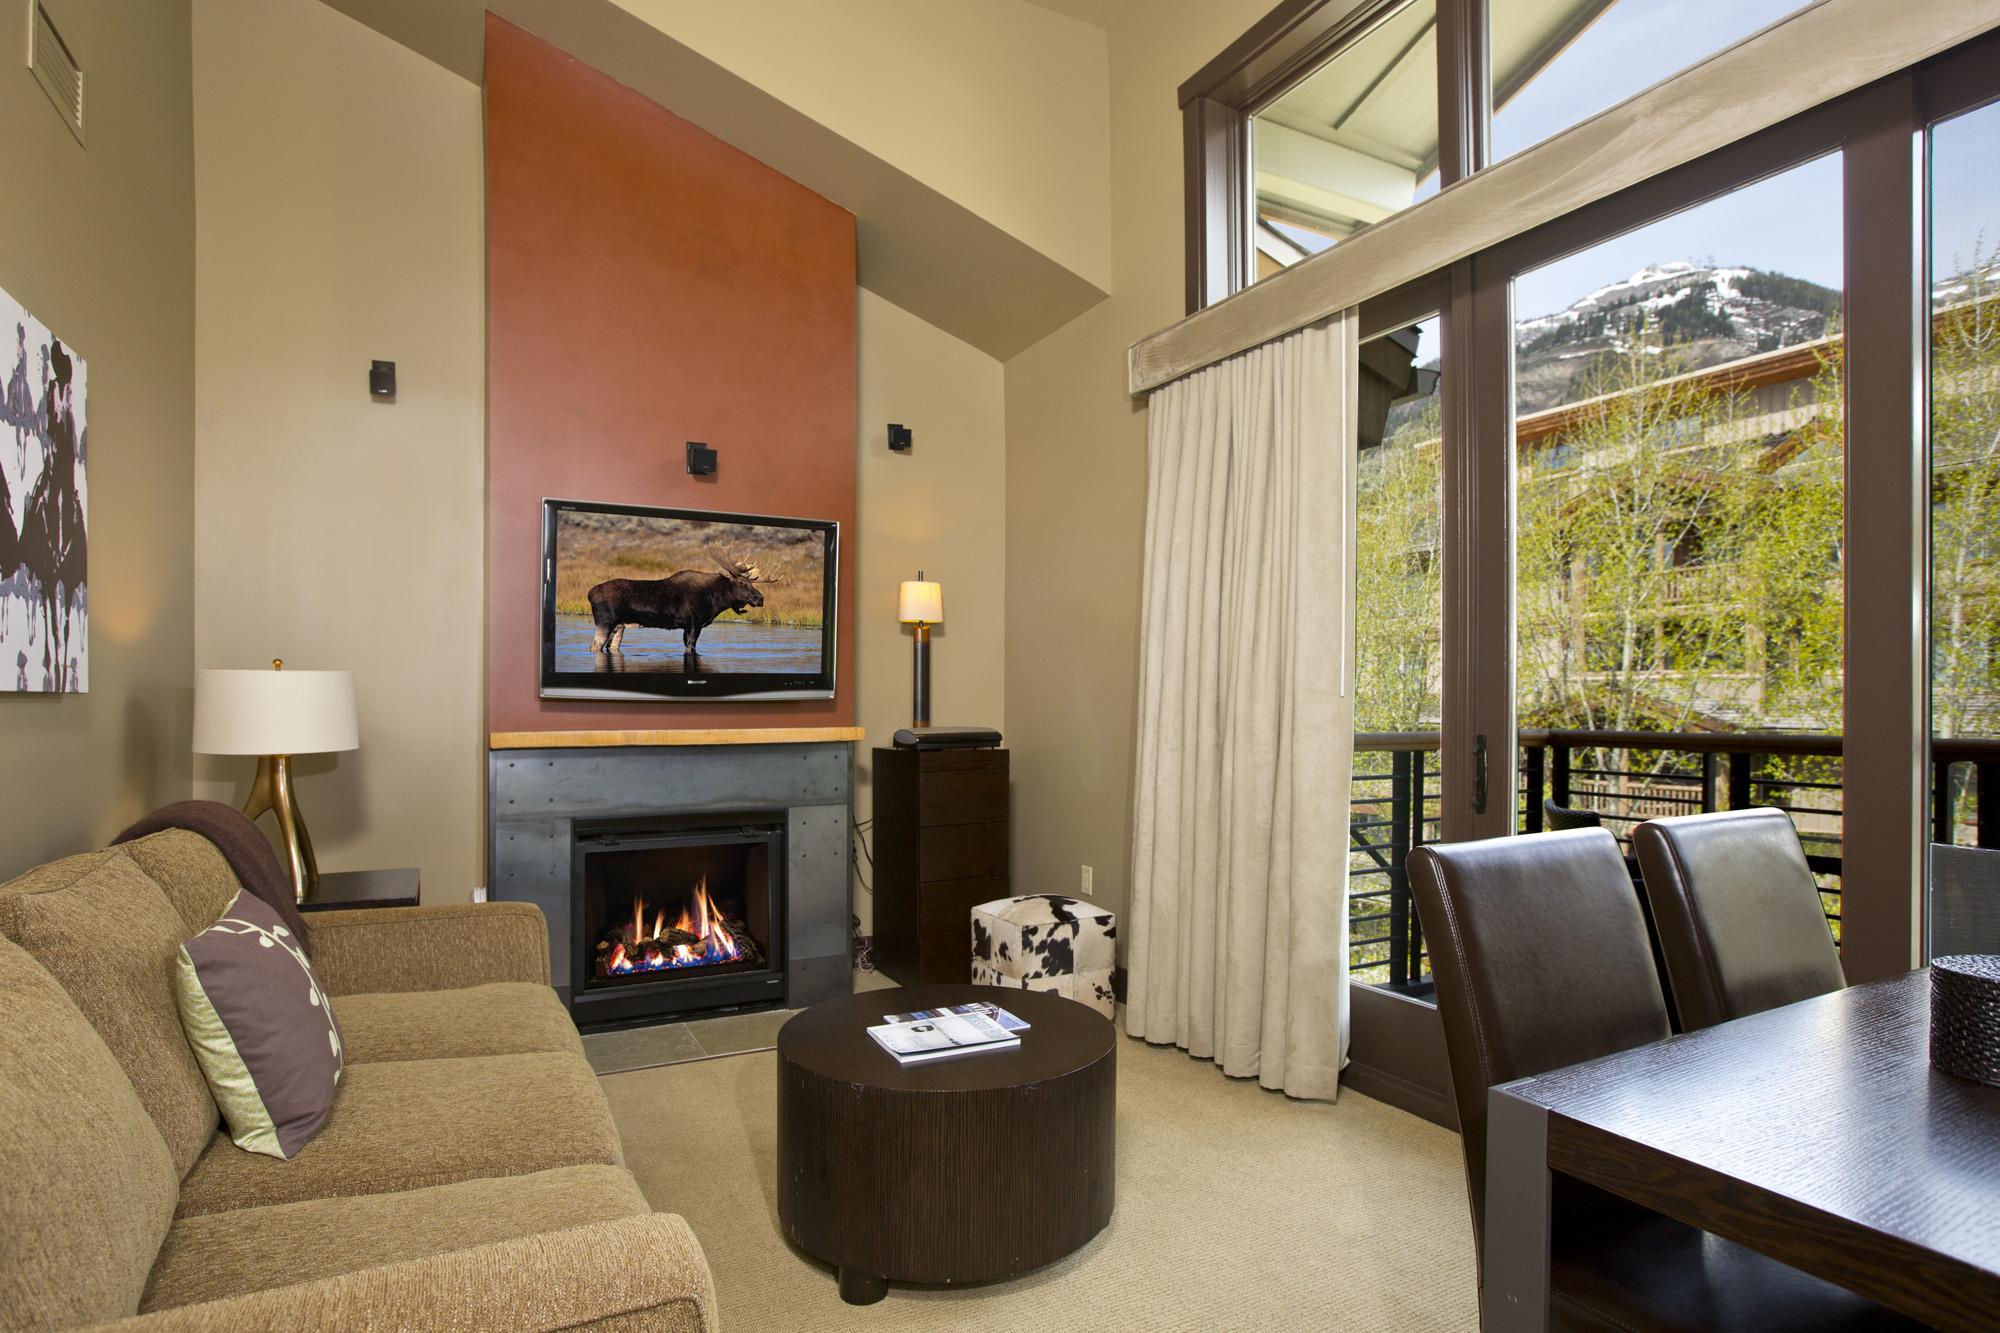 Condomínio para Venda às Penthouse Condominium in Hotel Terra 3335 W. Village Drive, unit 522 Teton Village, Wyoming 83025 Estados Unidos